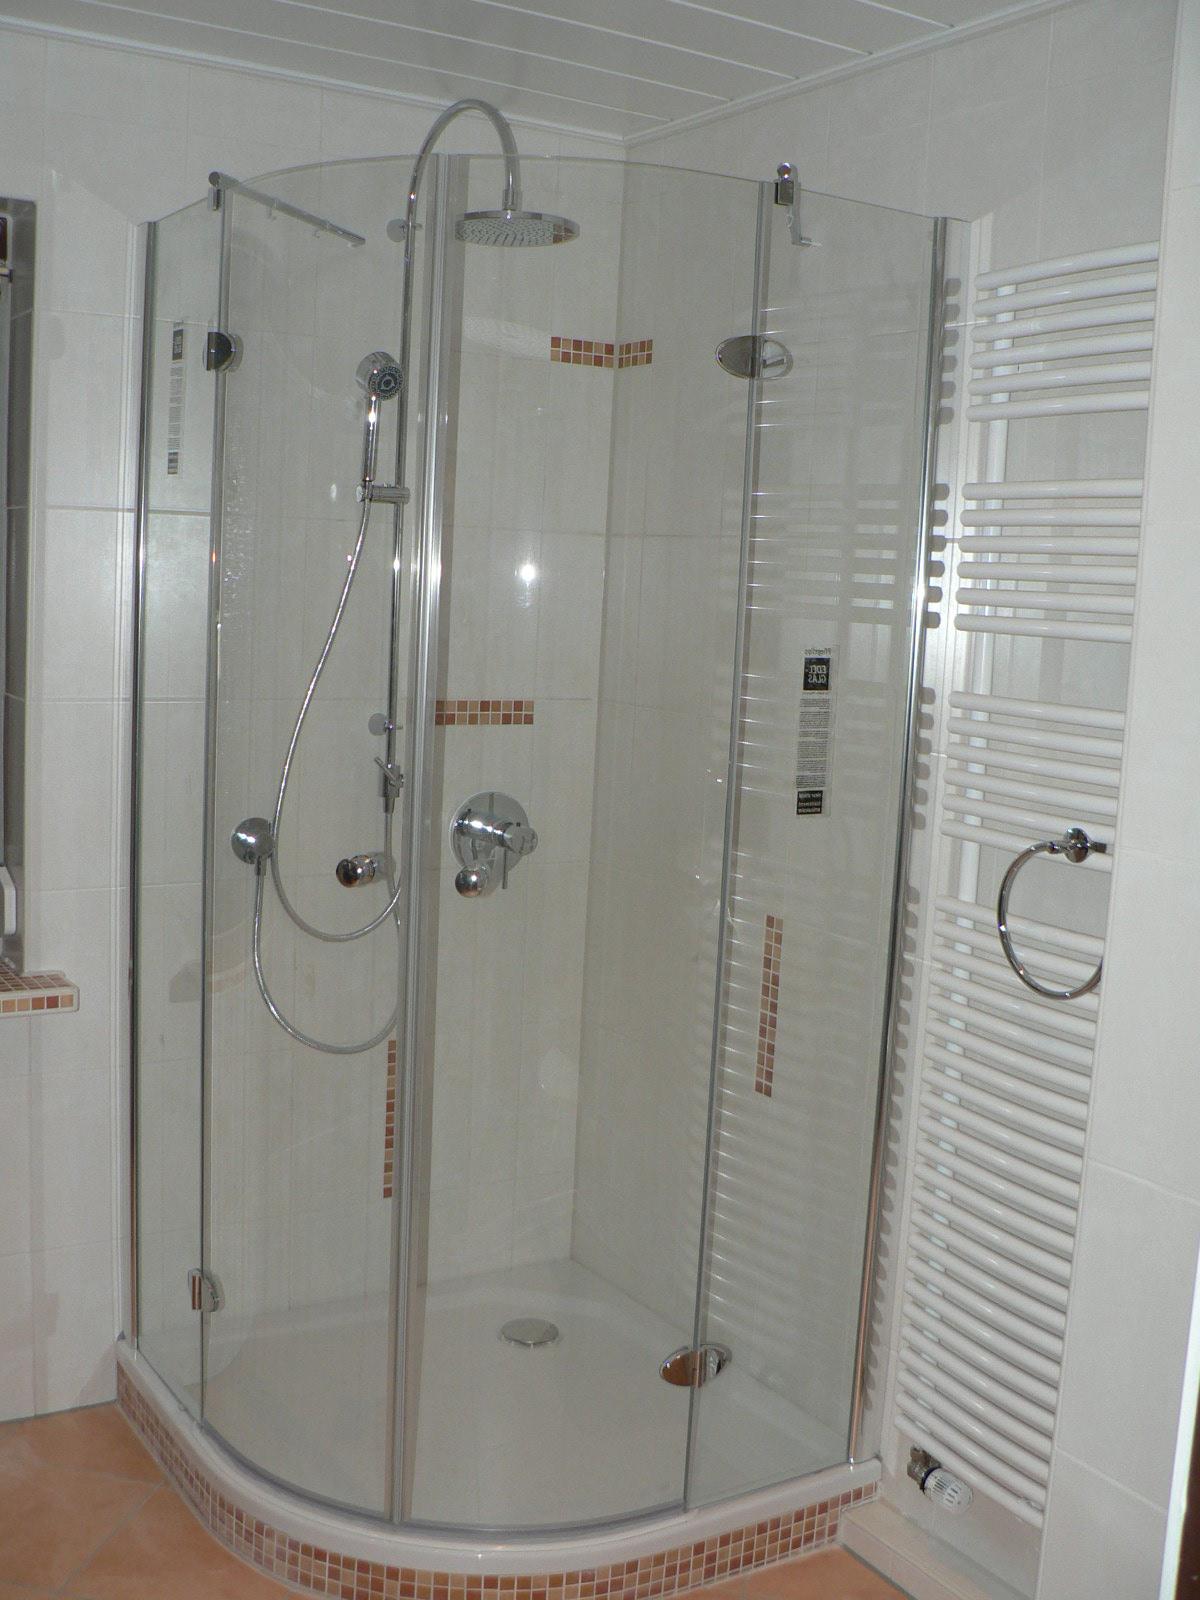 Gerd nolte heizung sanit r freundliches bad mit Badezimmer dusche